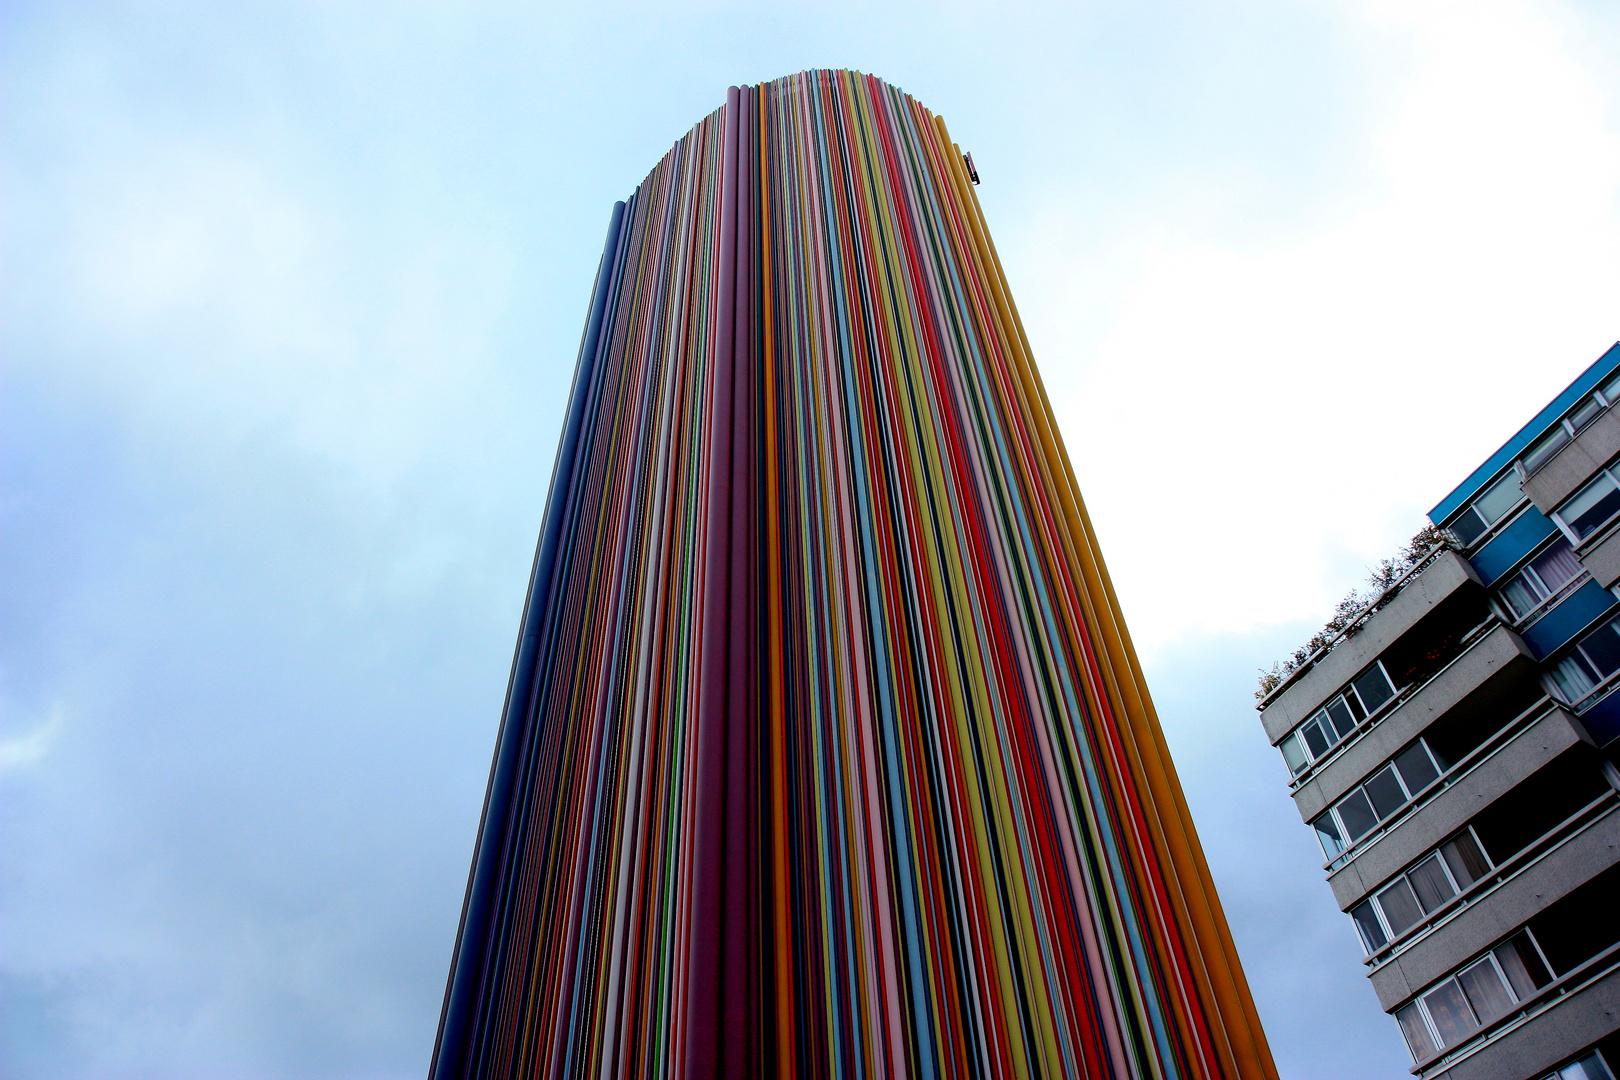 Lignes de couleurs